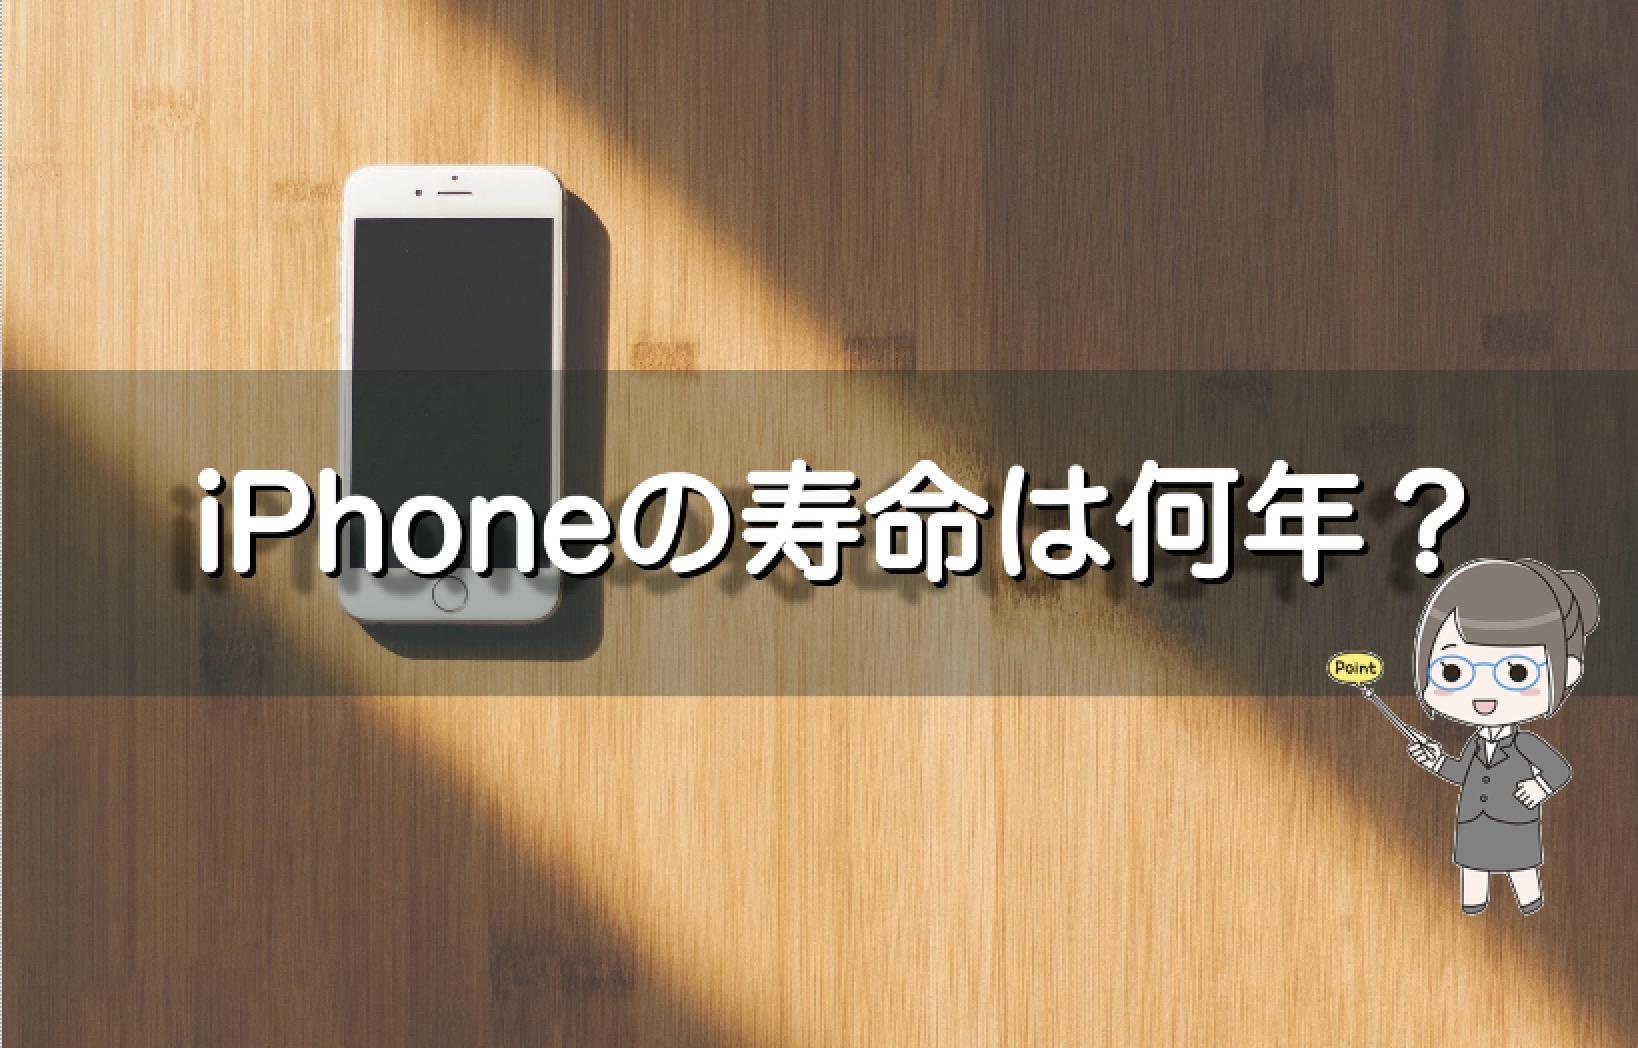 iPhoneの寿命は何年?寿命のサインはある?長持ちさせるコツは?